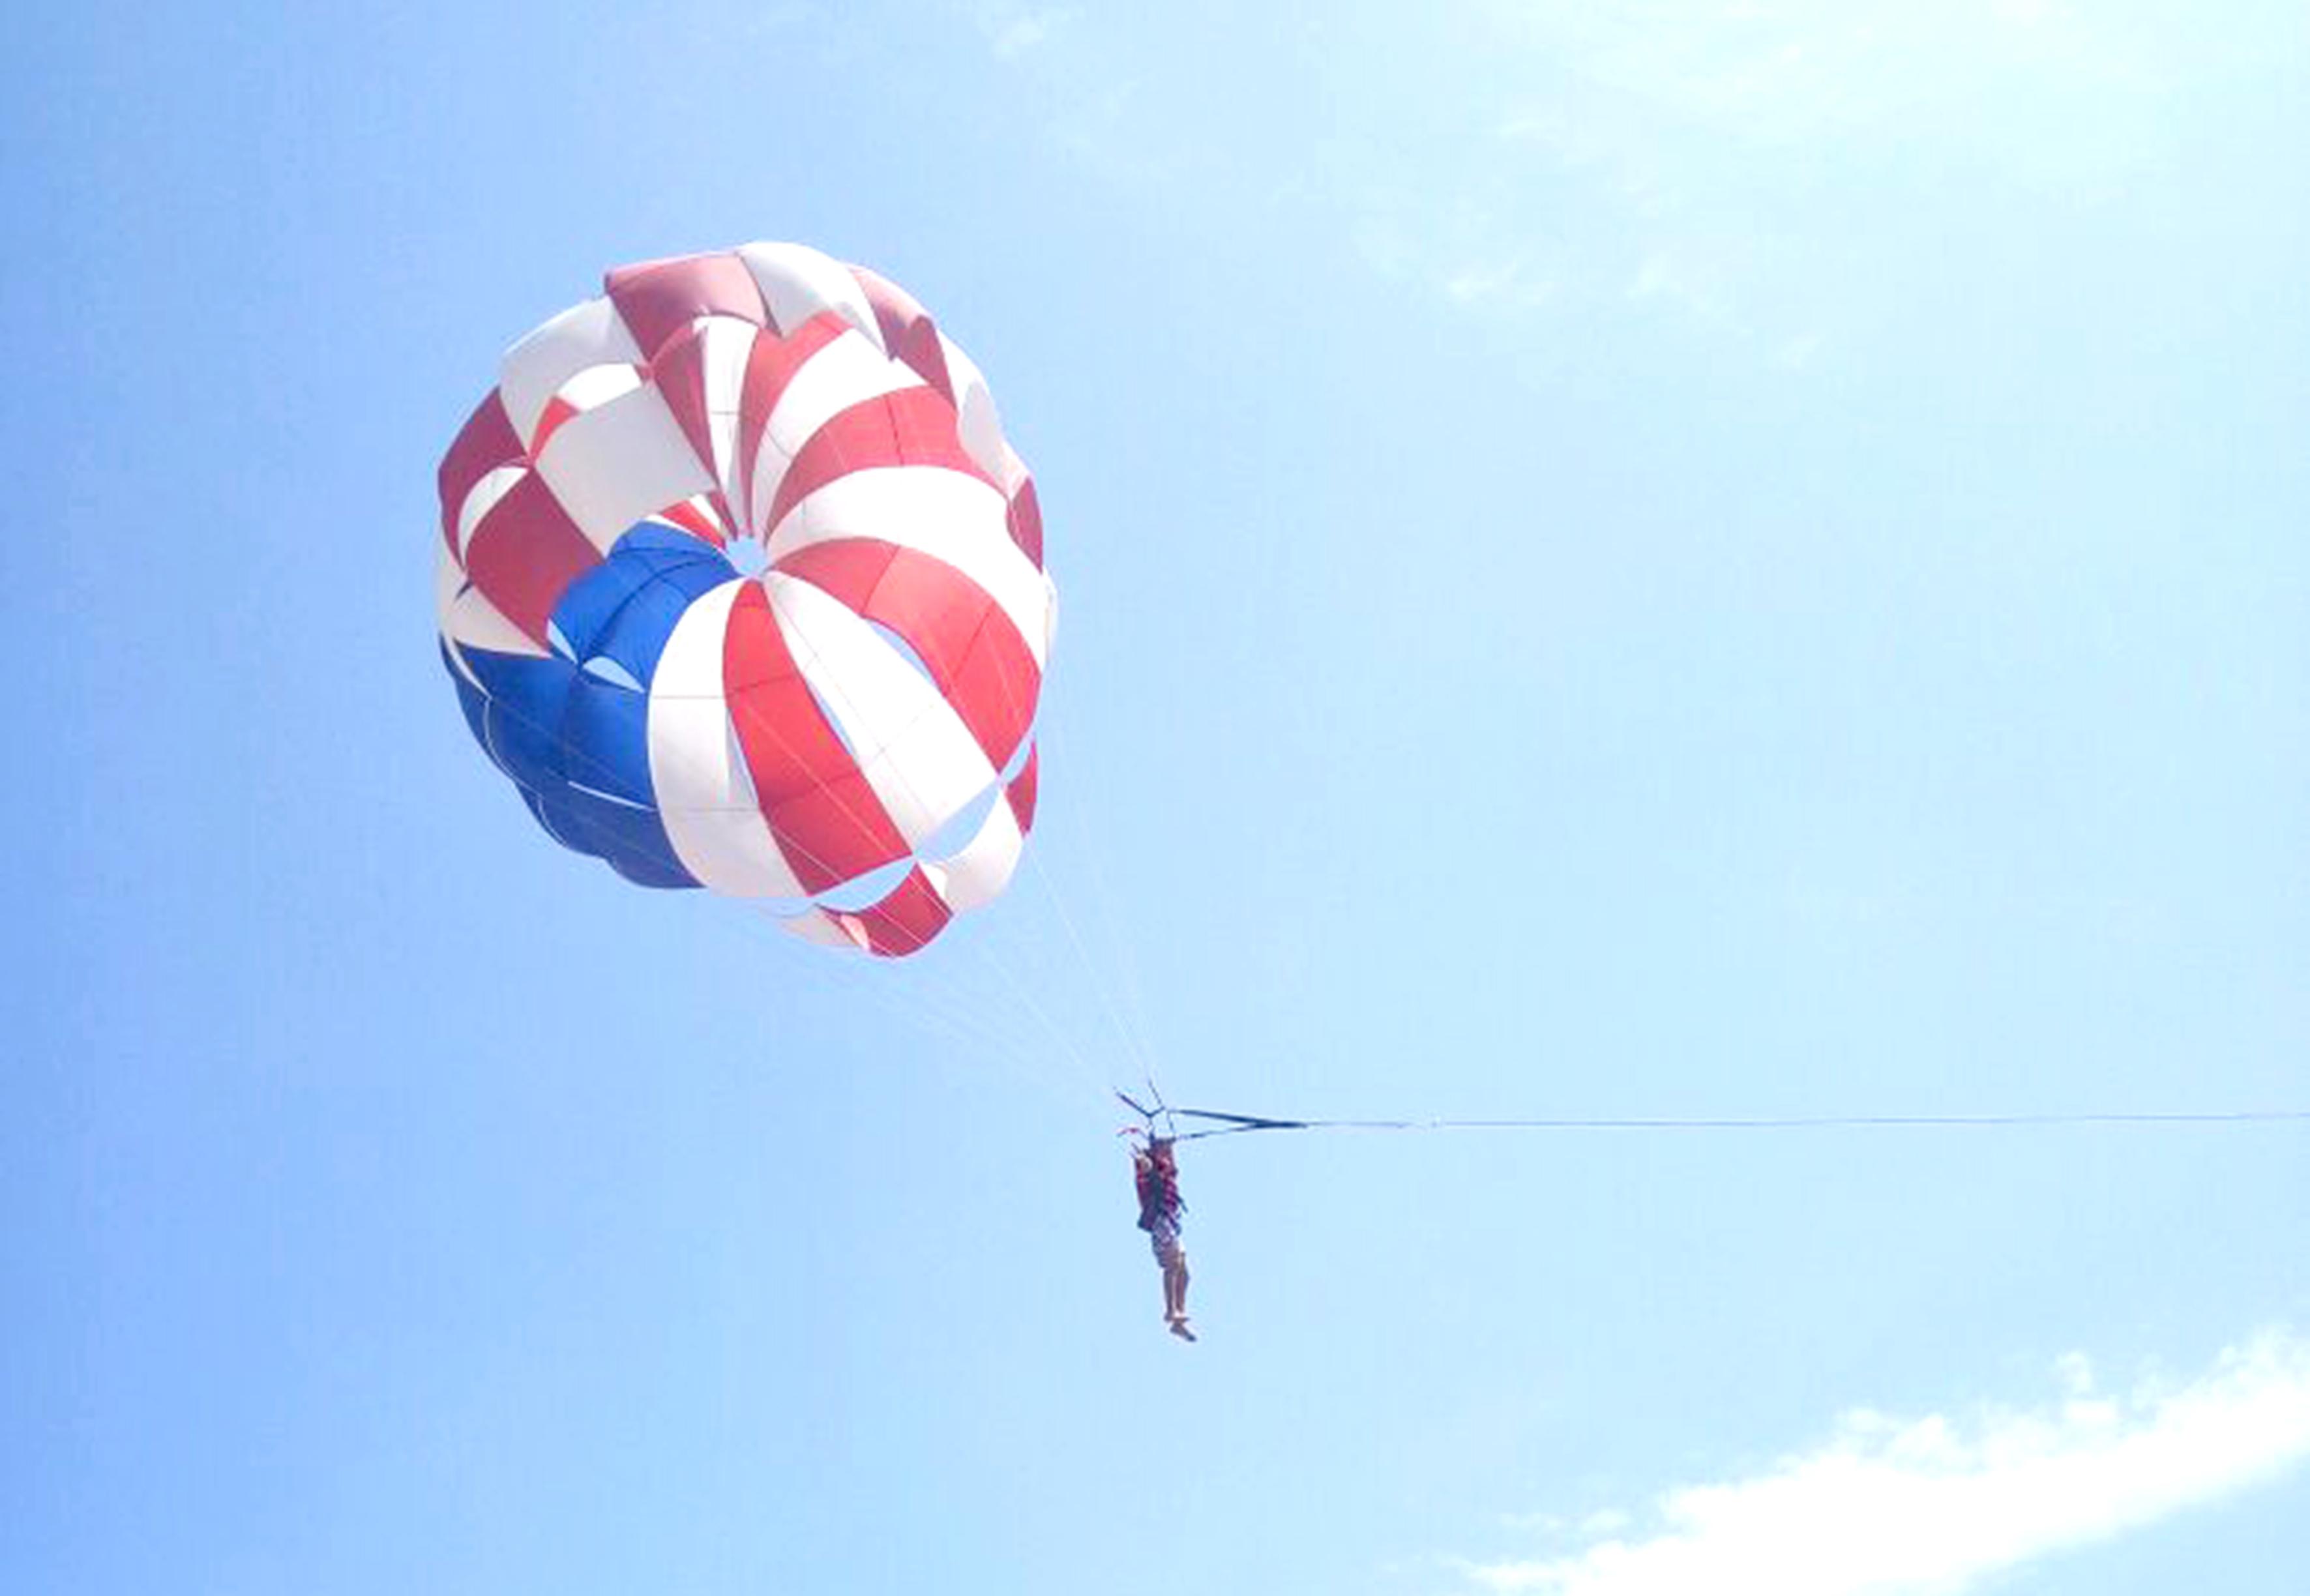 El paseo en paracaídas por la bahía, una marca registrada ...